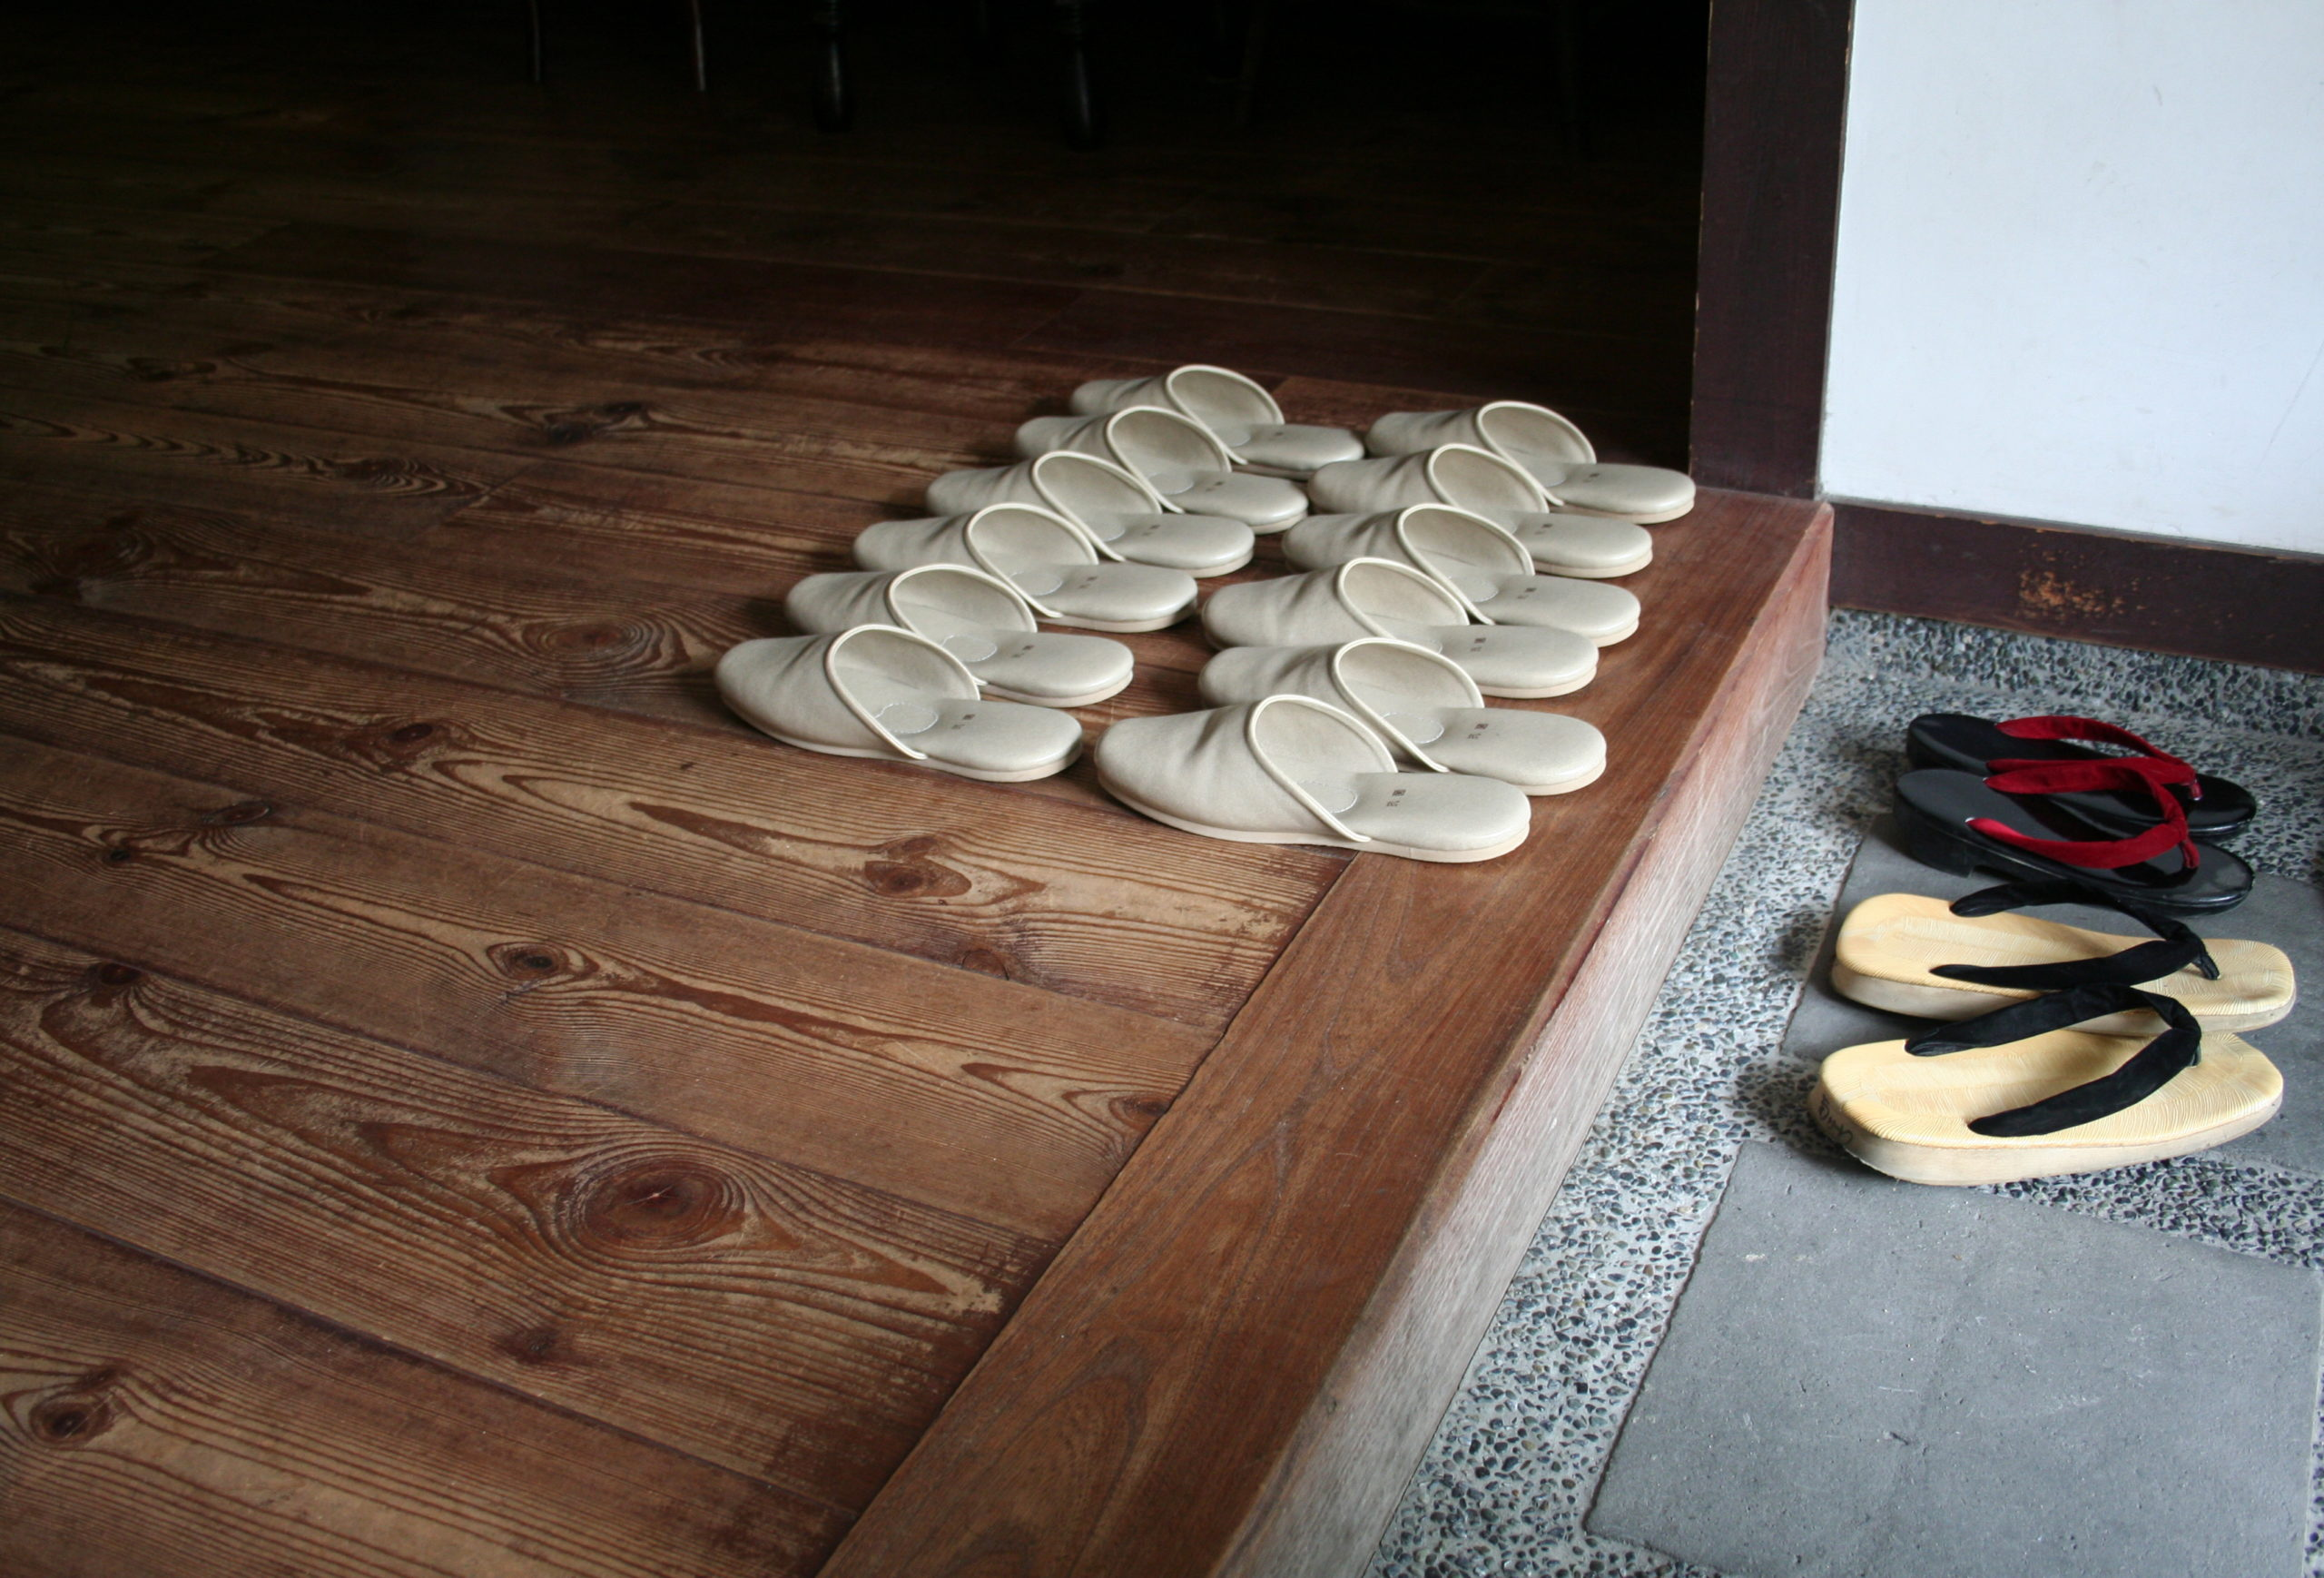 se déchausser comme au japon pour unemaison ou un appartement plus propre